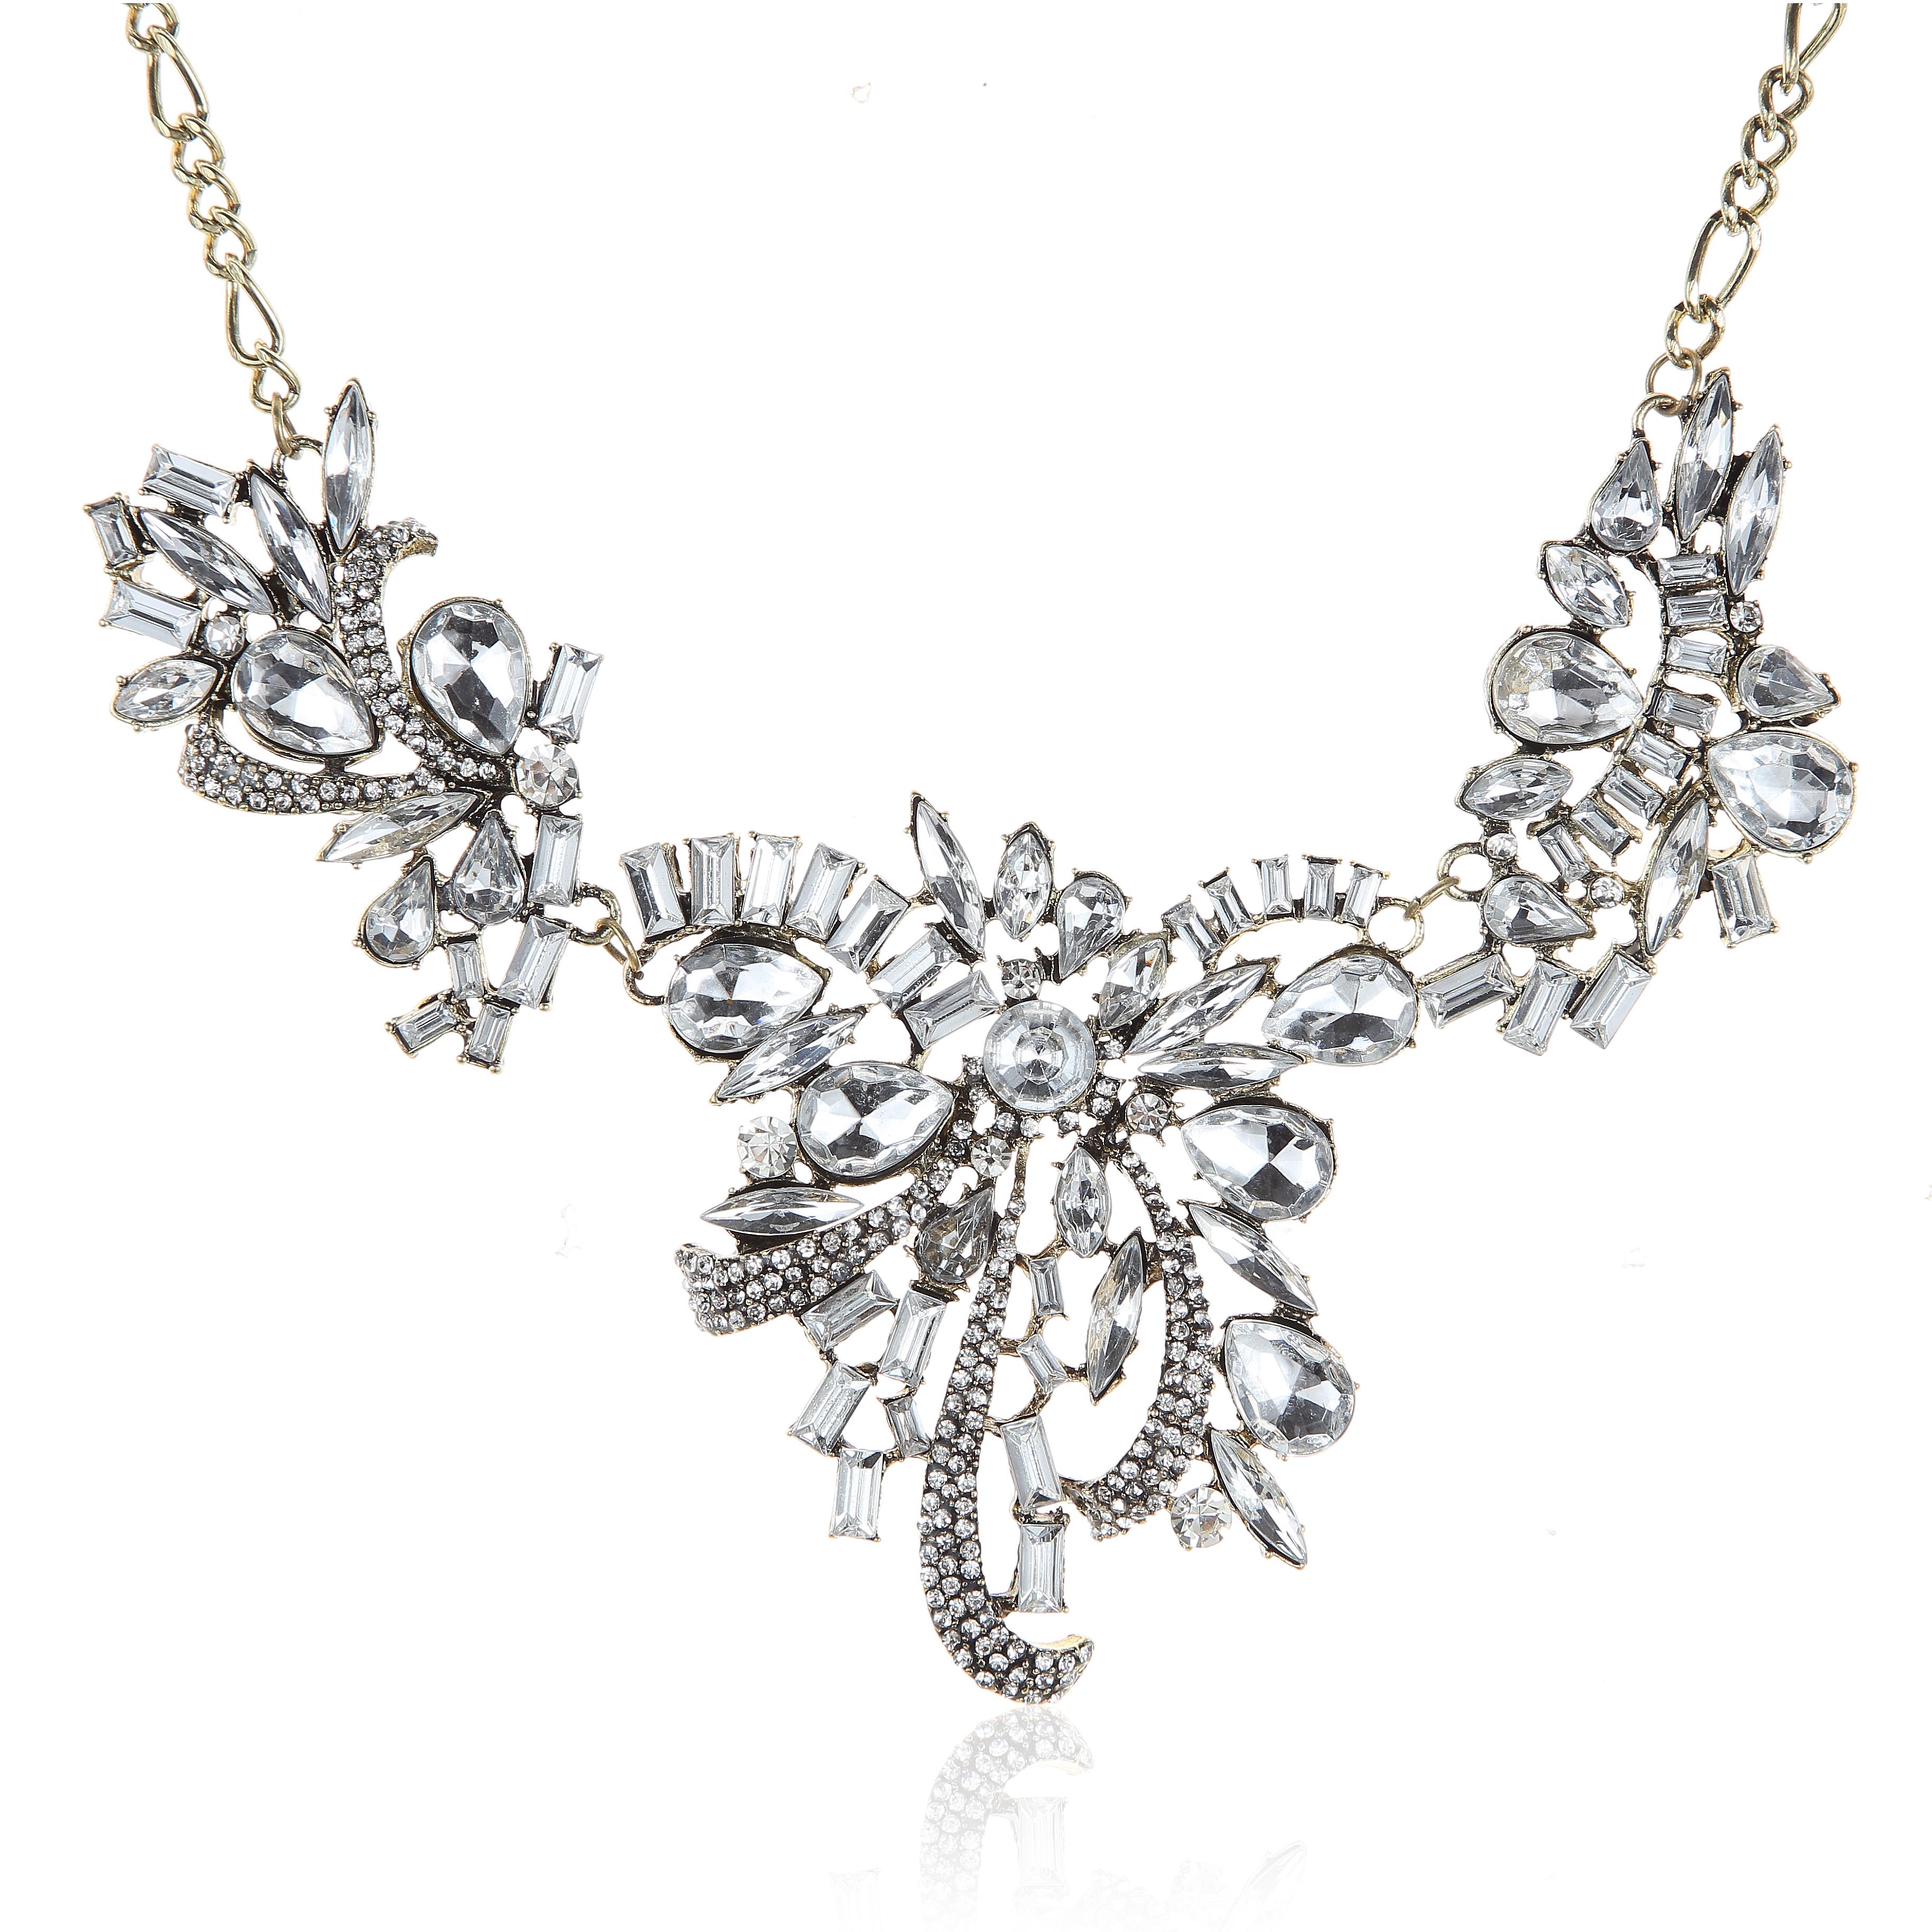 Sweet Romance Crystalized Vinatge Vibe Statement Necklace